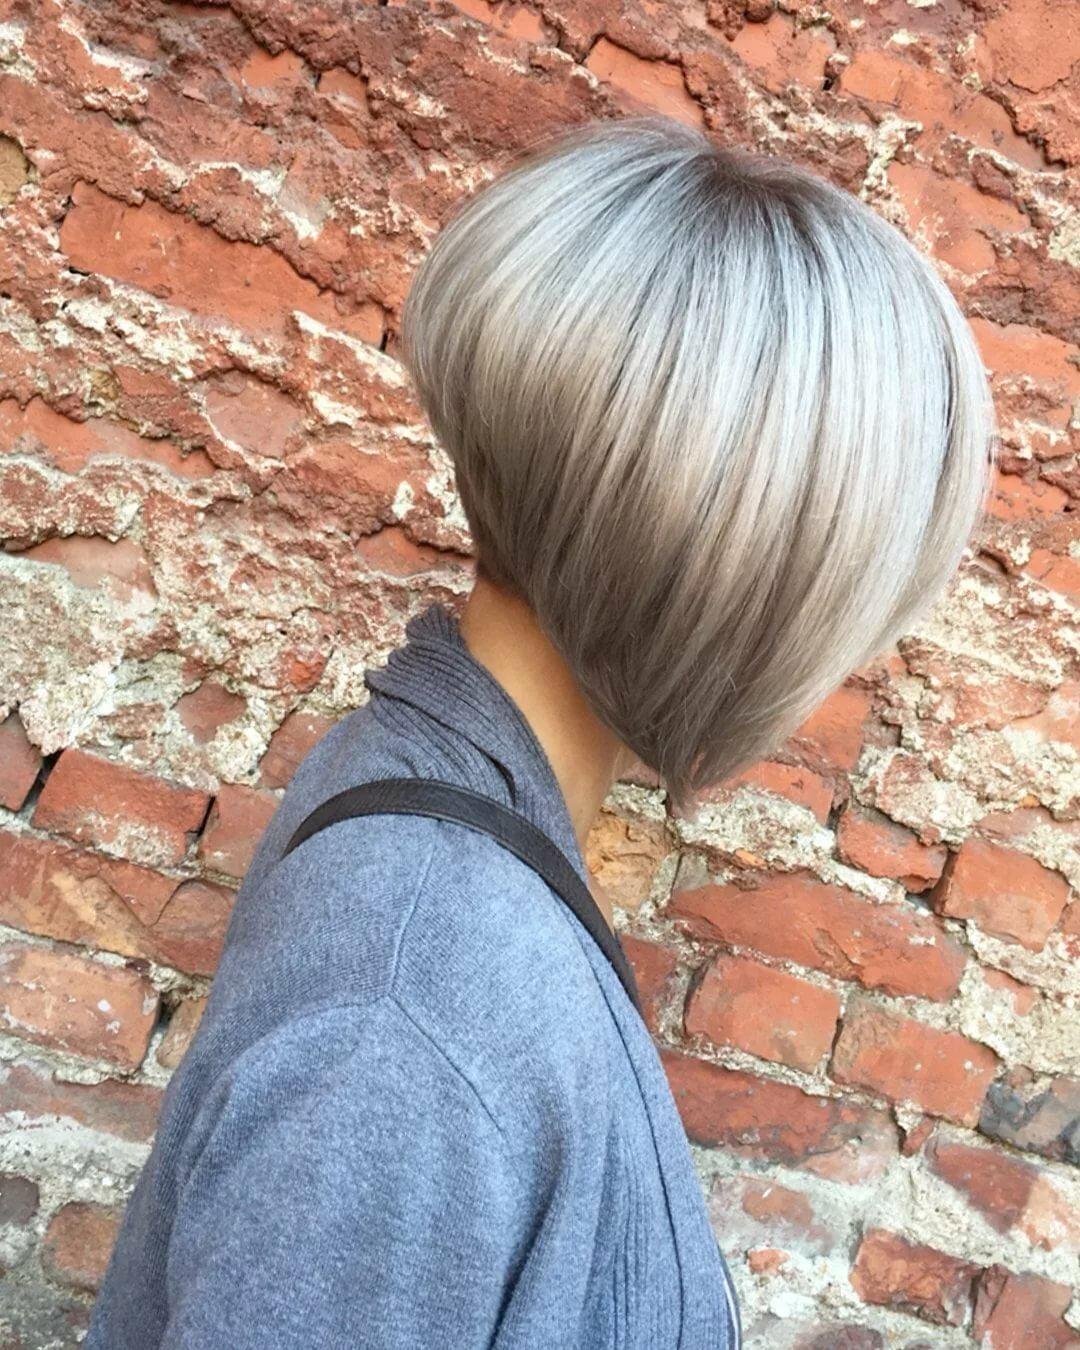 coiffure courte pour les femmes 2020 2021